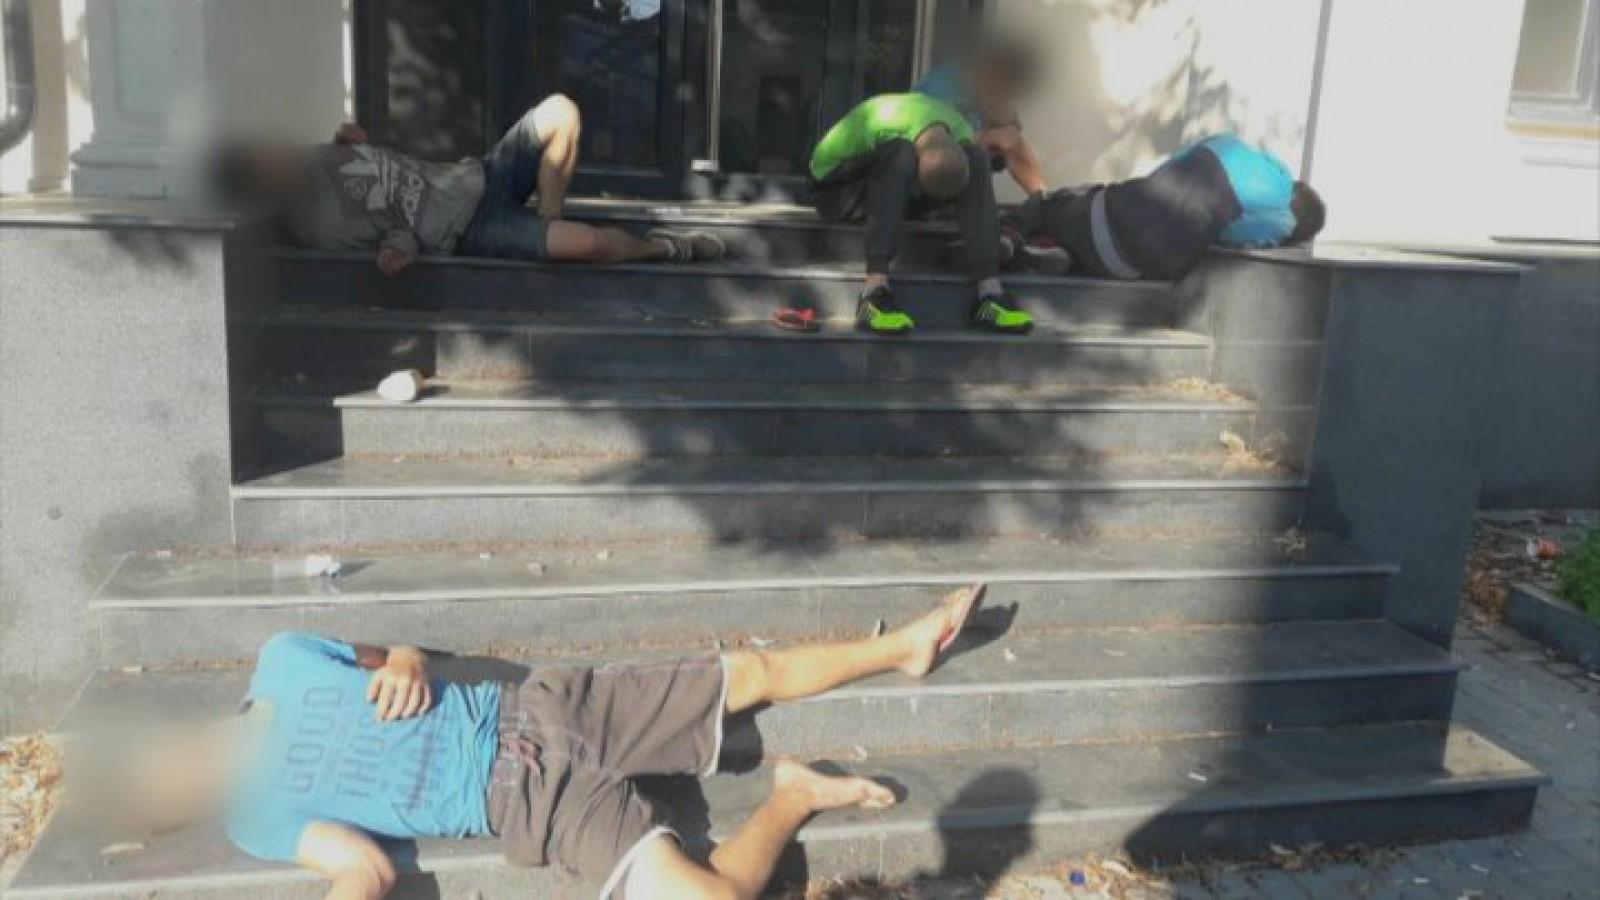 (foto) Cinci tineri, surprinși în stare inconștientă după ce ar fi consumat droguri în centrul capitalei